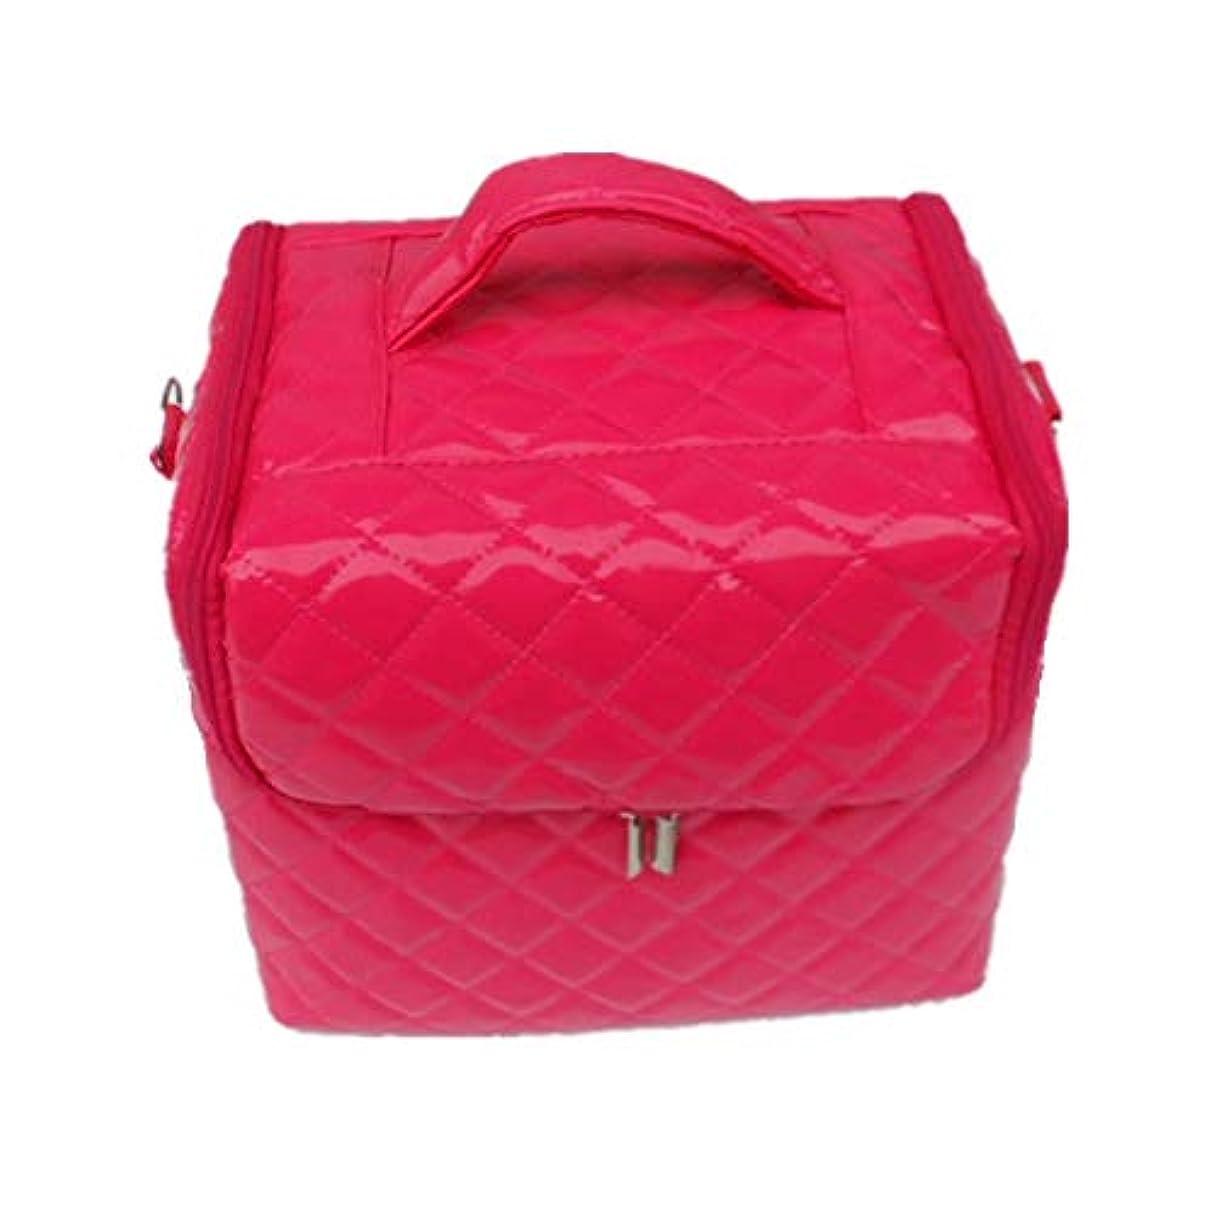 和解する薄い端化粧オーガナイザーバッグ 美容メイクアップのための大容量ポータブル化粧品バッグと女性の女性の旅行とジッパーと折り畳みトレイで毎日のストレージ用 化粧品ケース